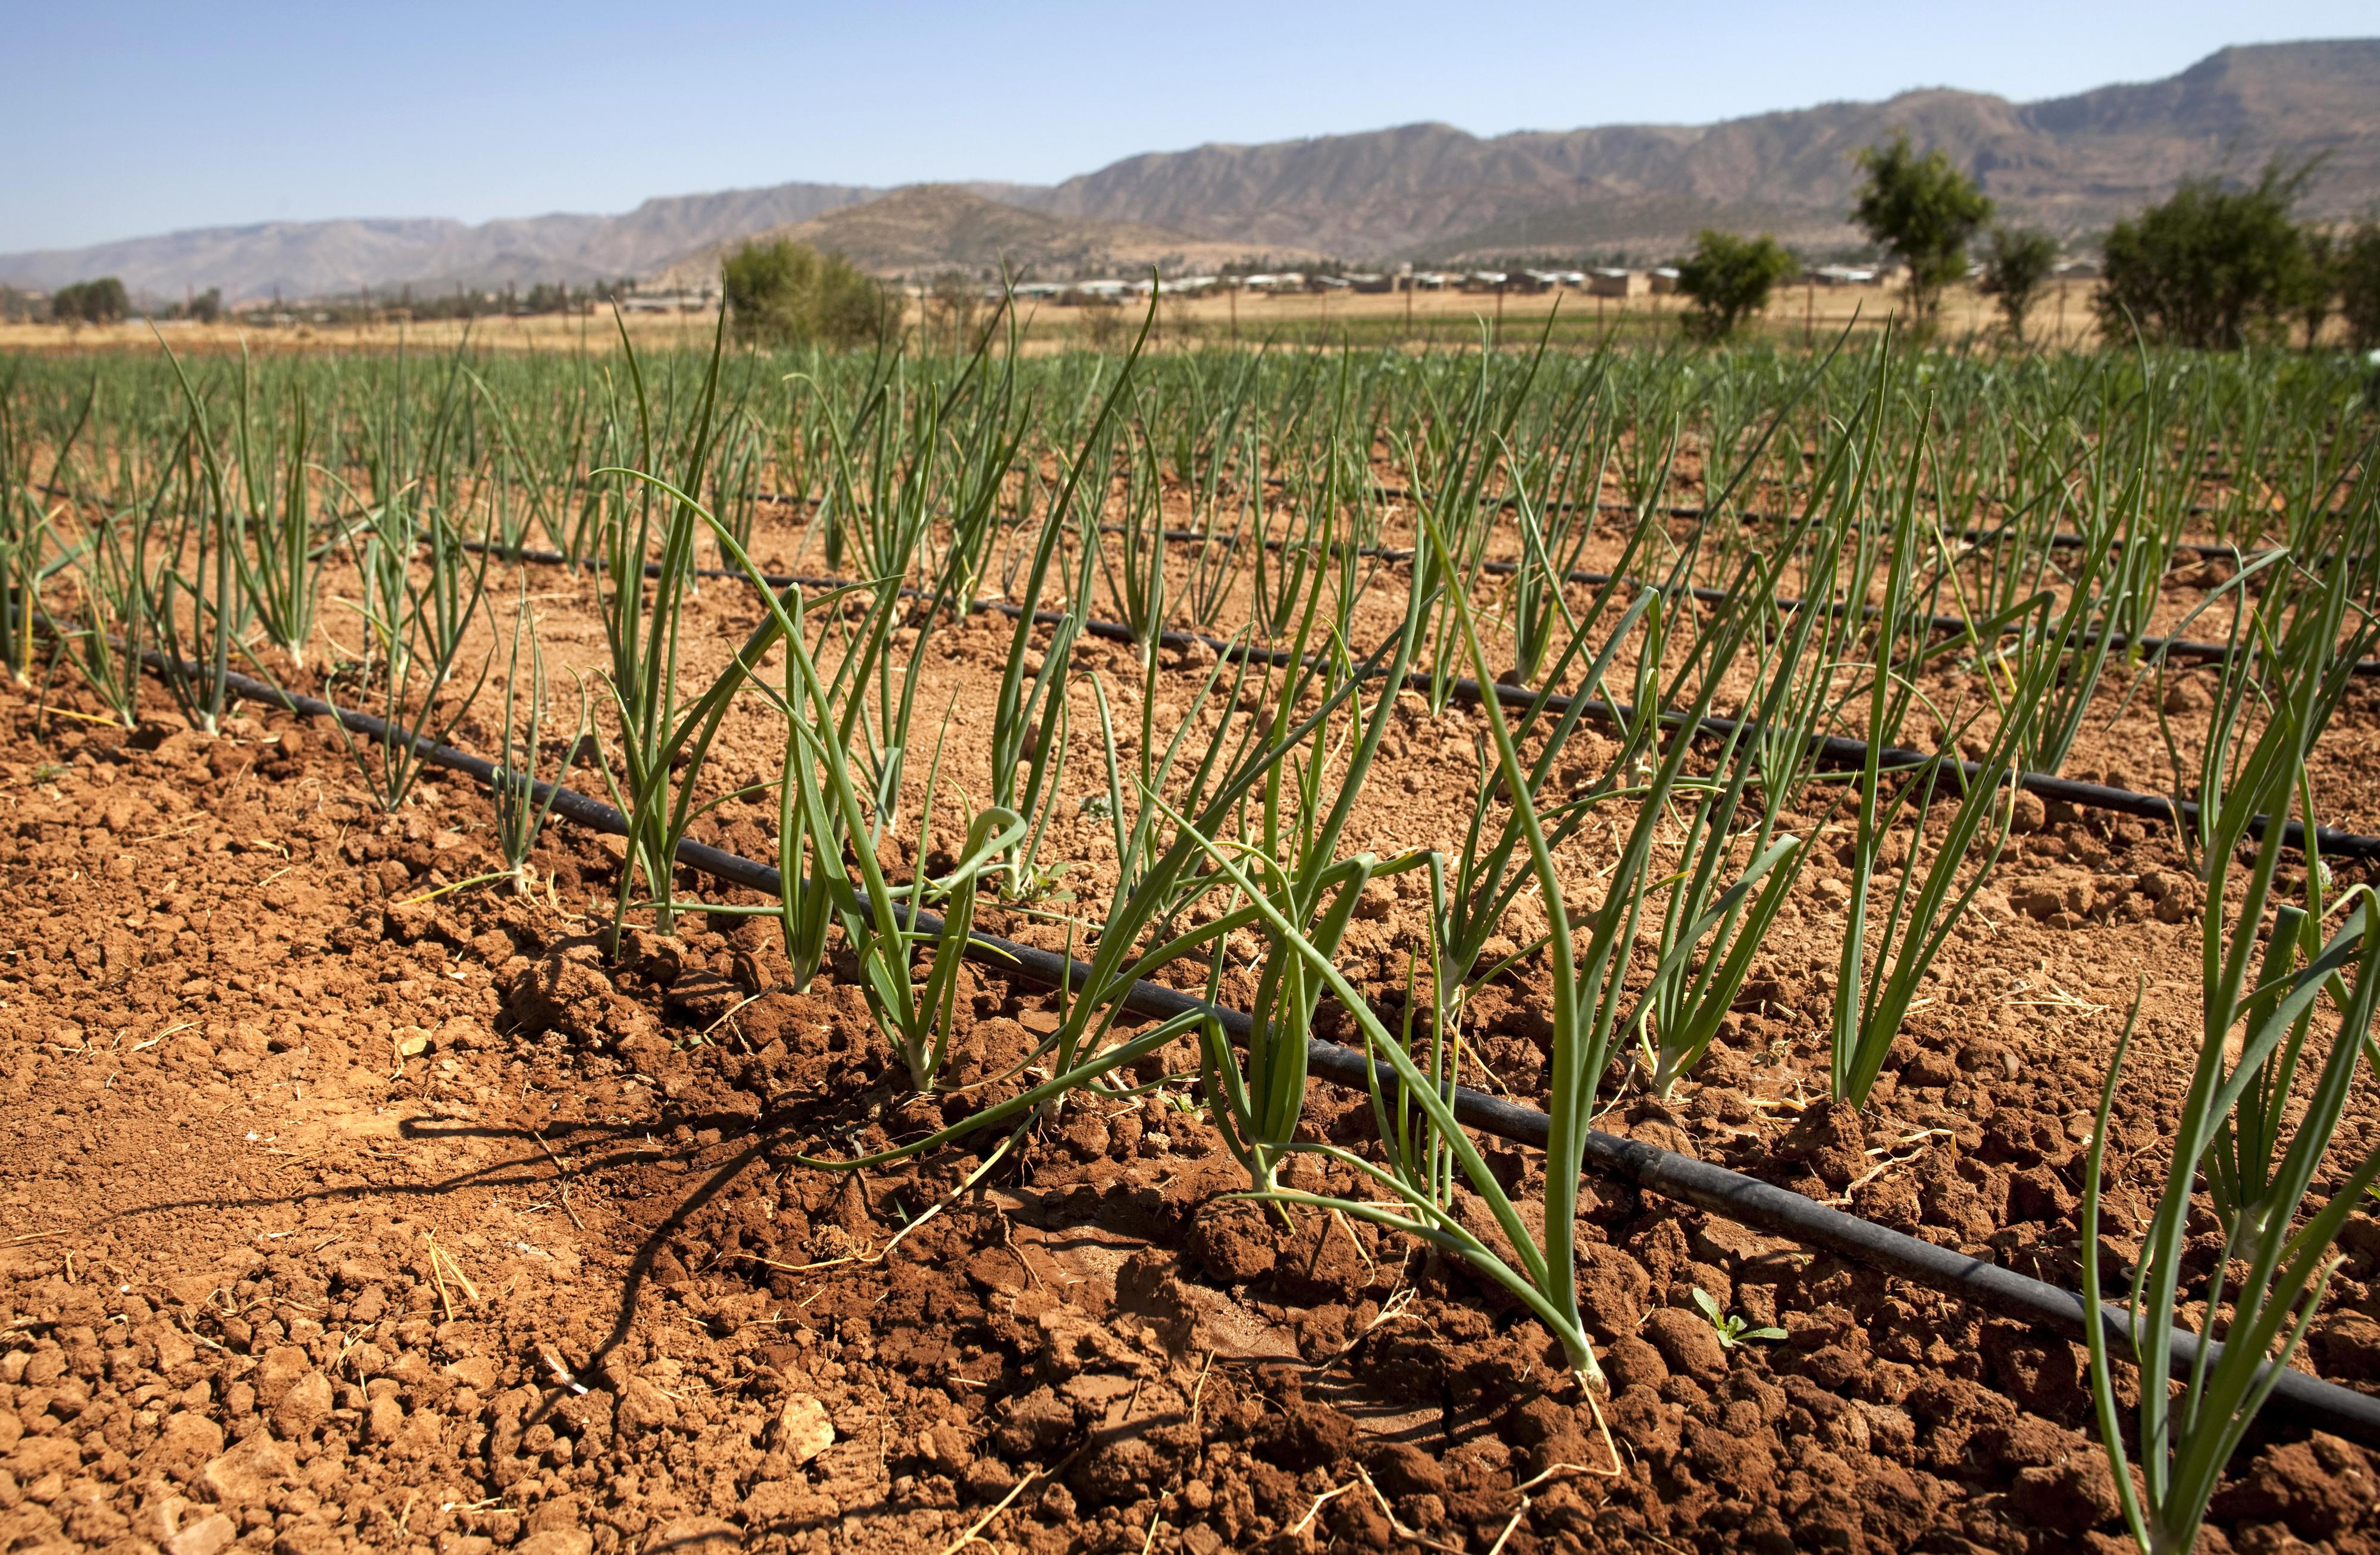 Tröpfchenbewässerung auf einem Feld in Äthiopien